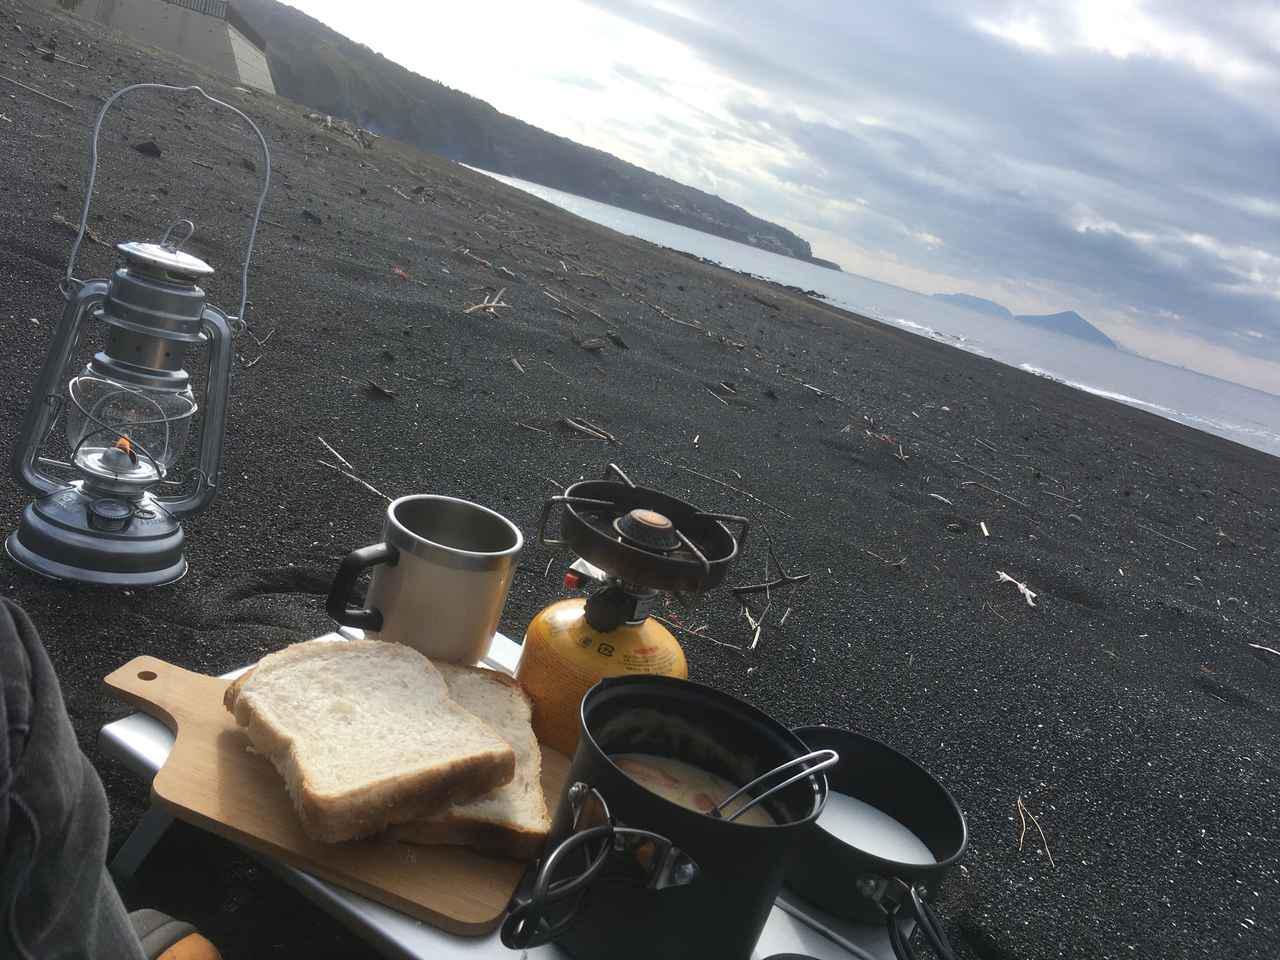 画像1: 【ソロキャンプ飯】ご飯作りを楽にするコツ! おすすめ簡単レシピや洗い物の方法も - ハピキャン(HAPPY CAMPER)